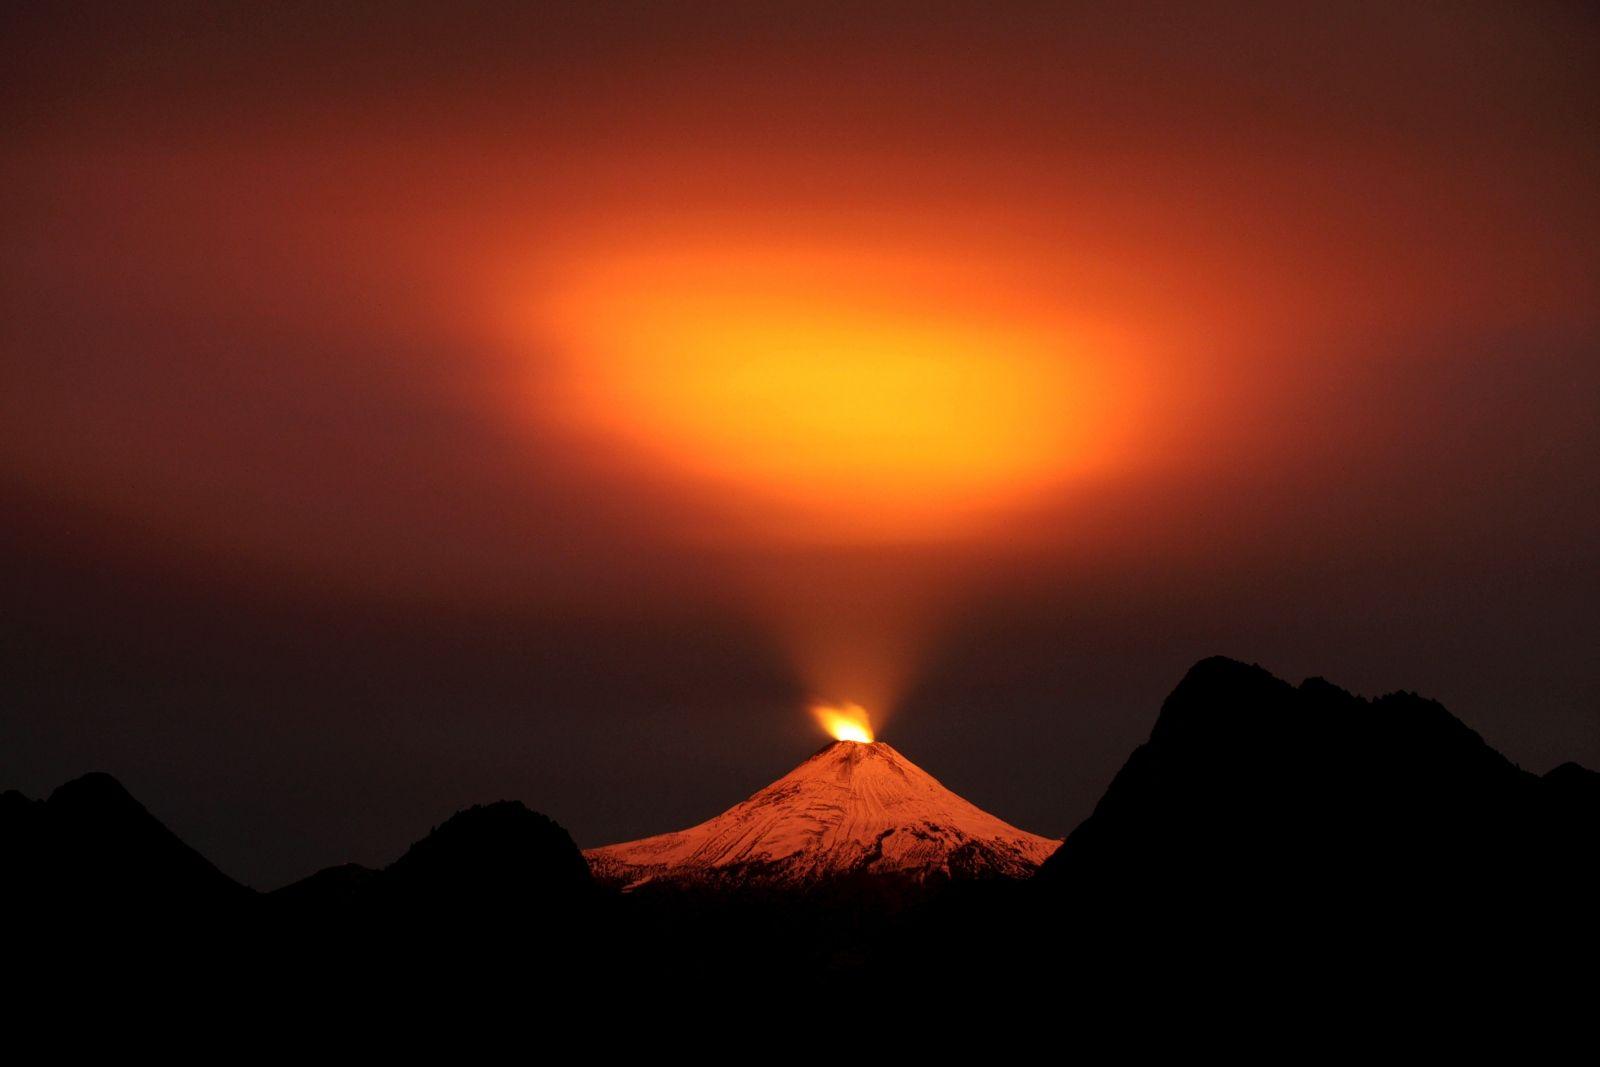 Drones filming volcanos